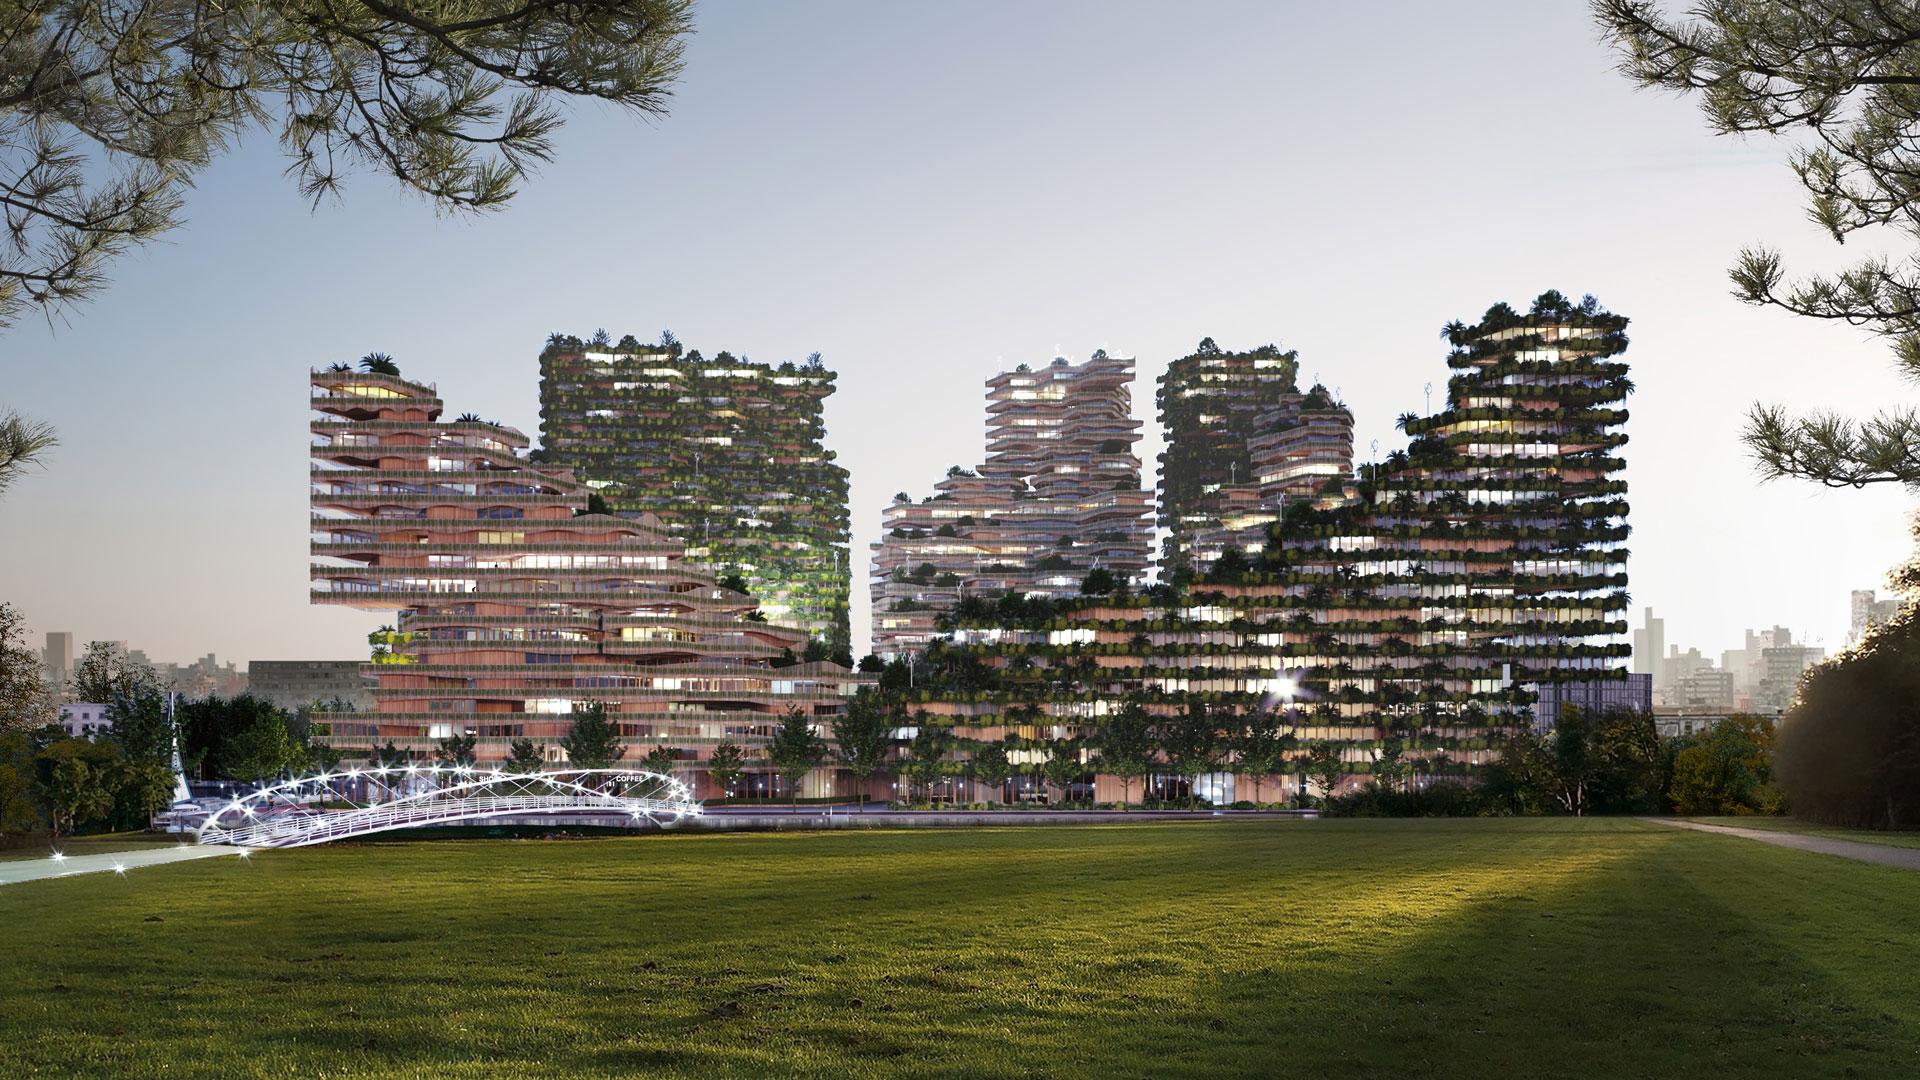 La biofilia è il futuro dell'architettura? Il progetto GG – loop